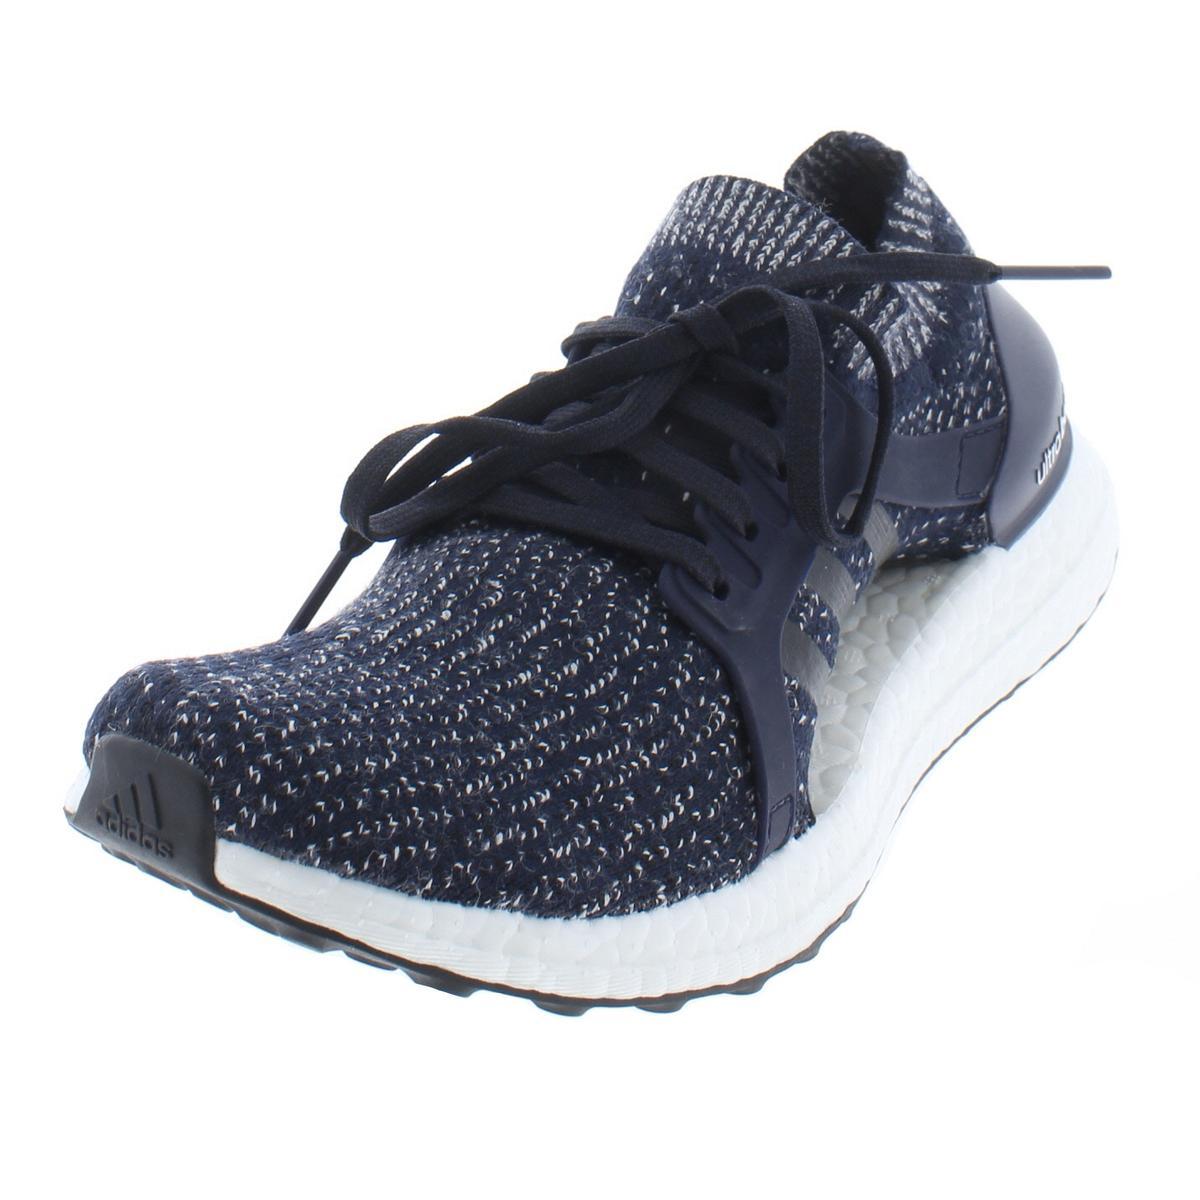 e6d337b19d1 Details about Adidas Womens UltraBOOST X Navy Knit Running Shoes 8.5 Medium  (B